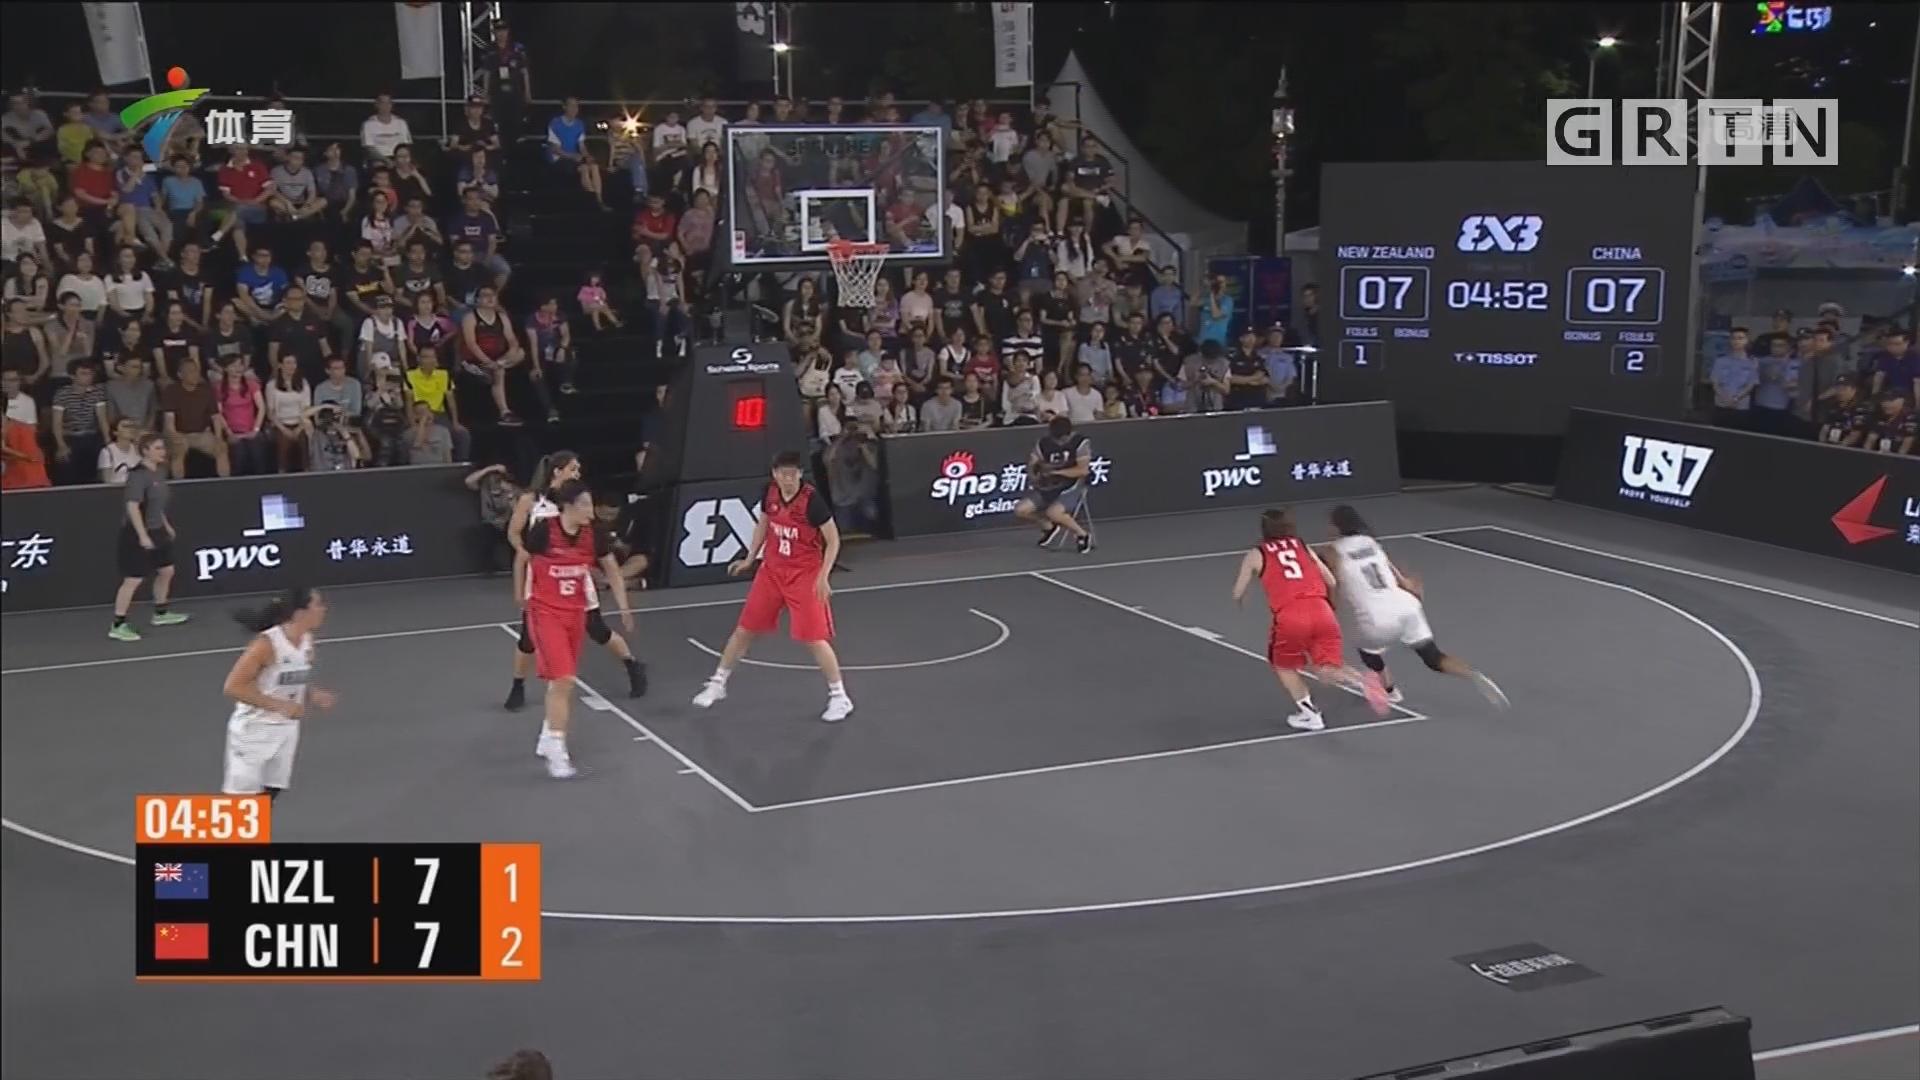 决赛不敌新西兰 中国女子三人篮球获亚军